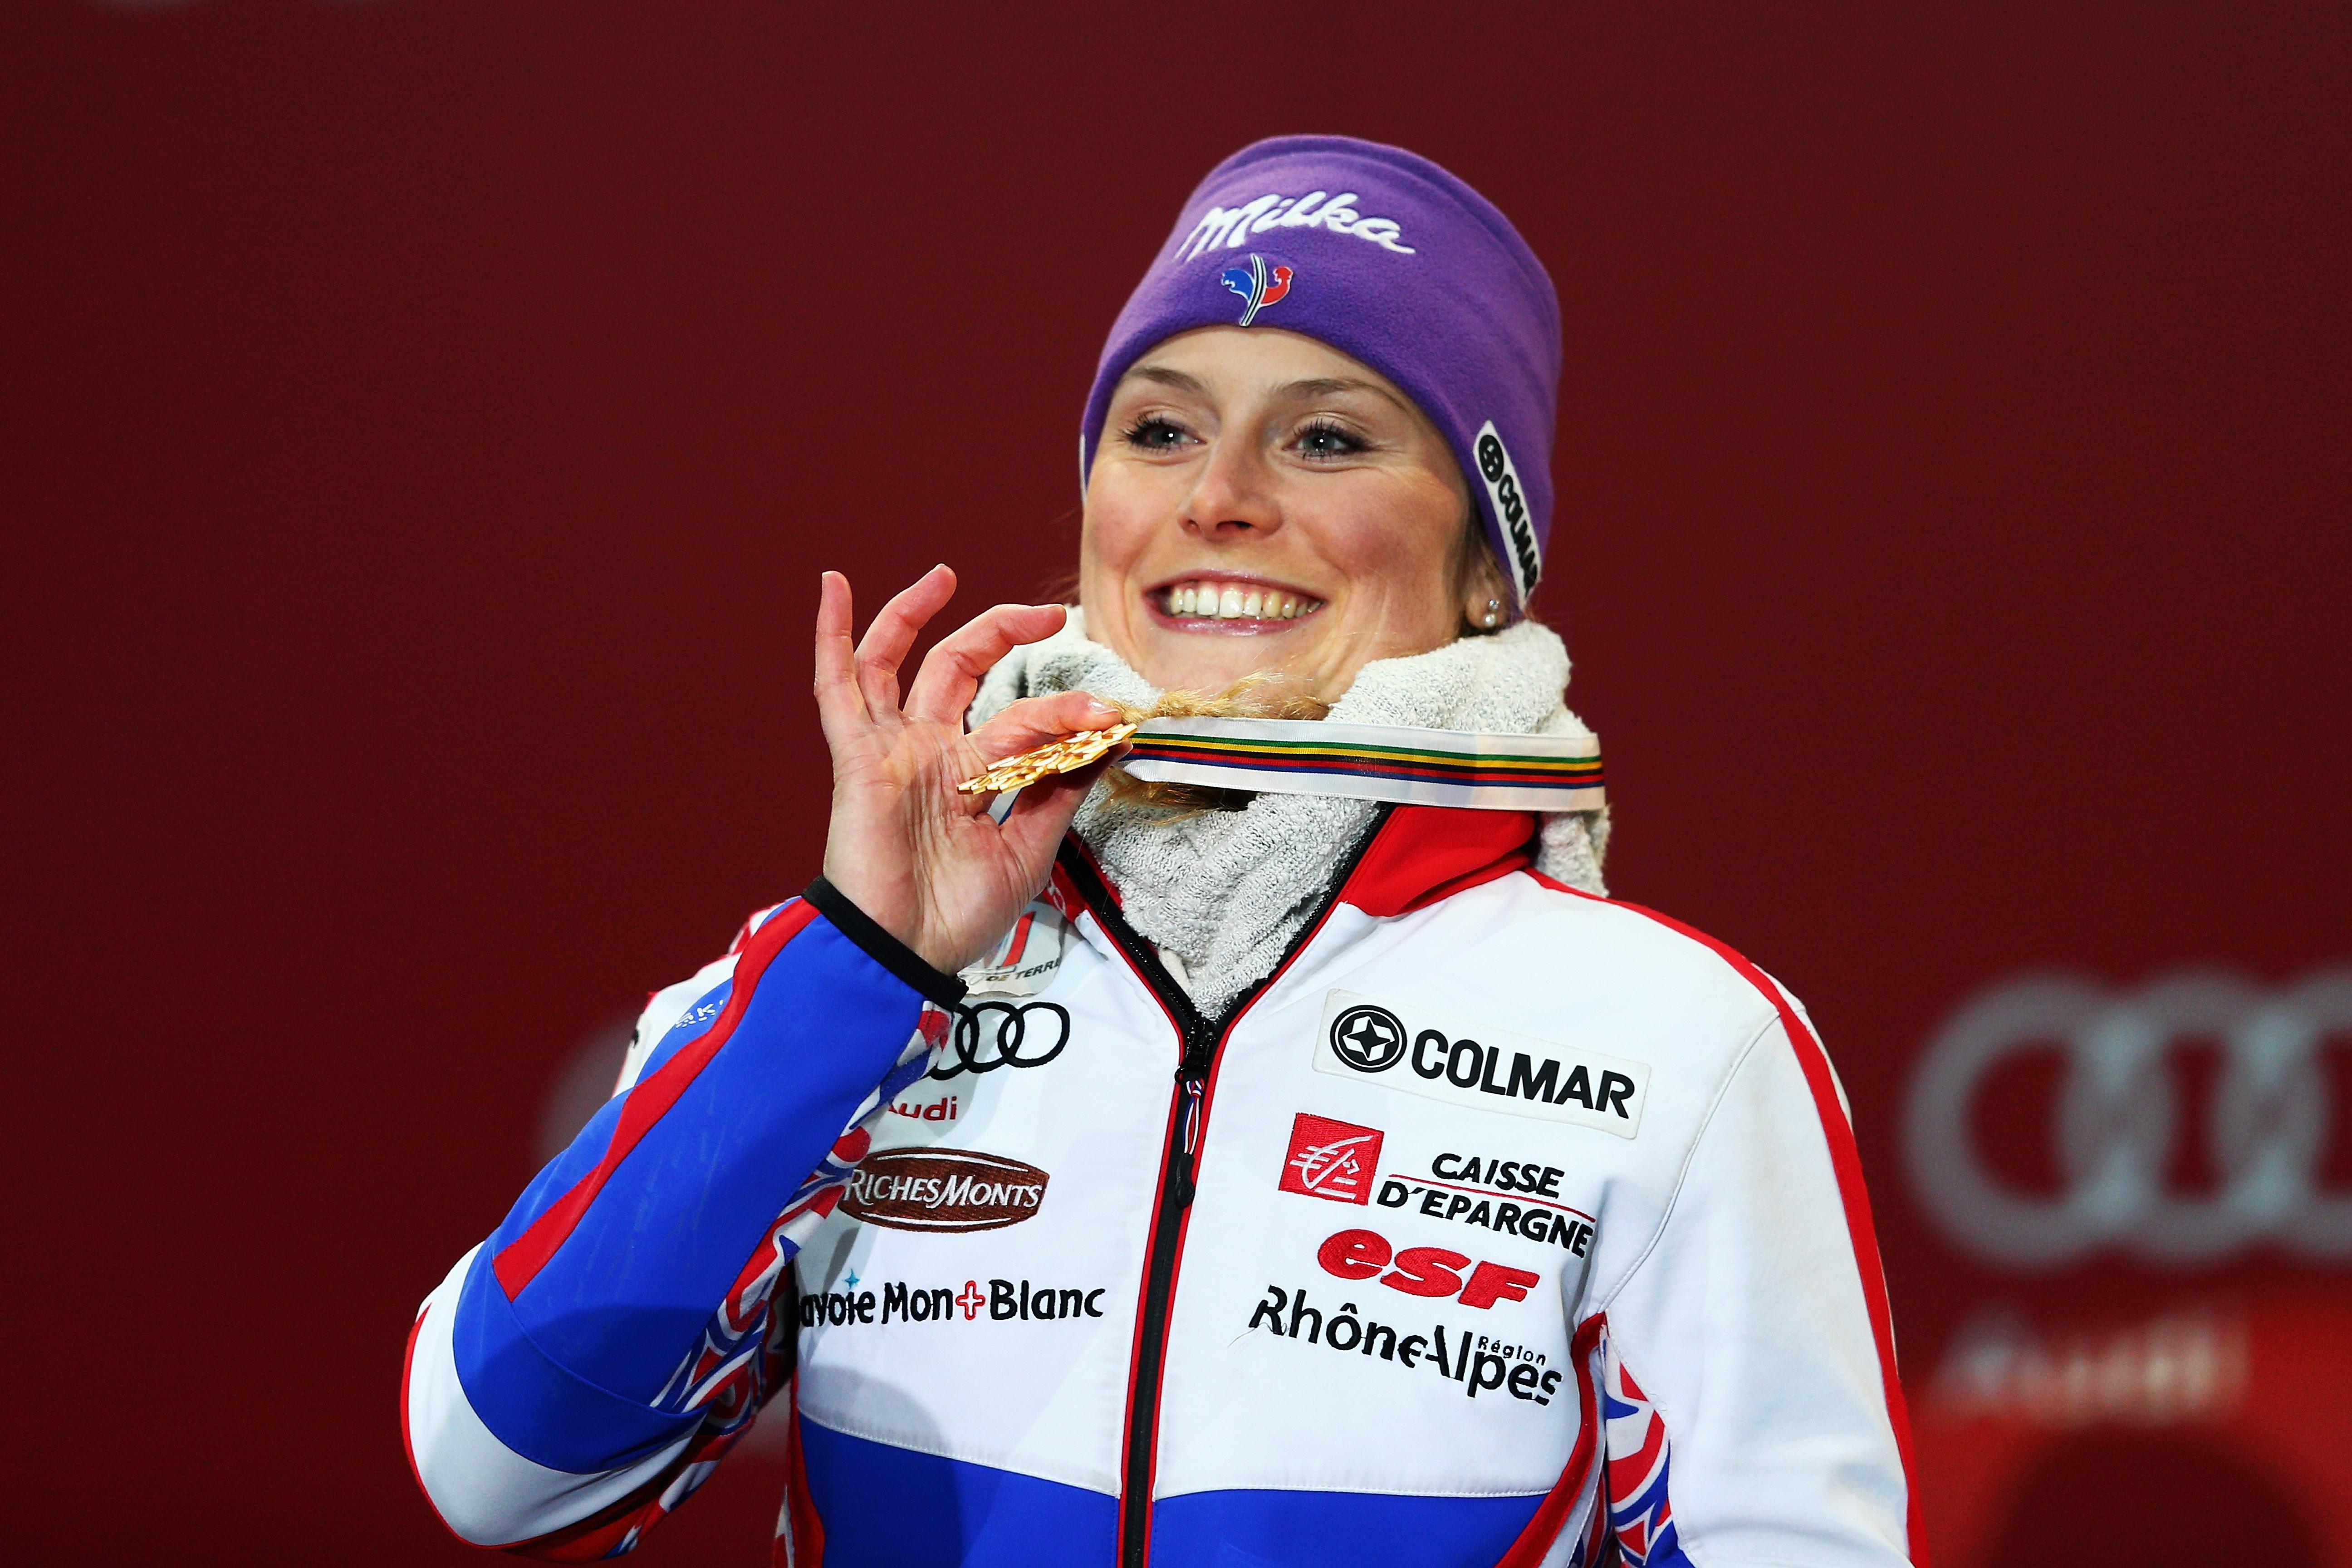 Tessa Worley